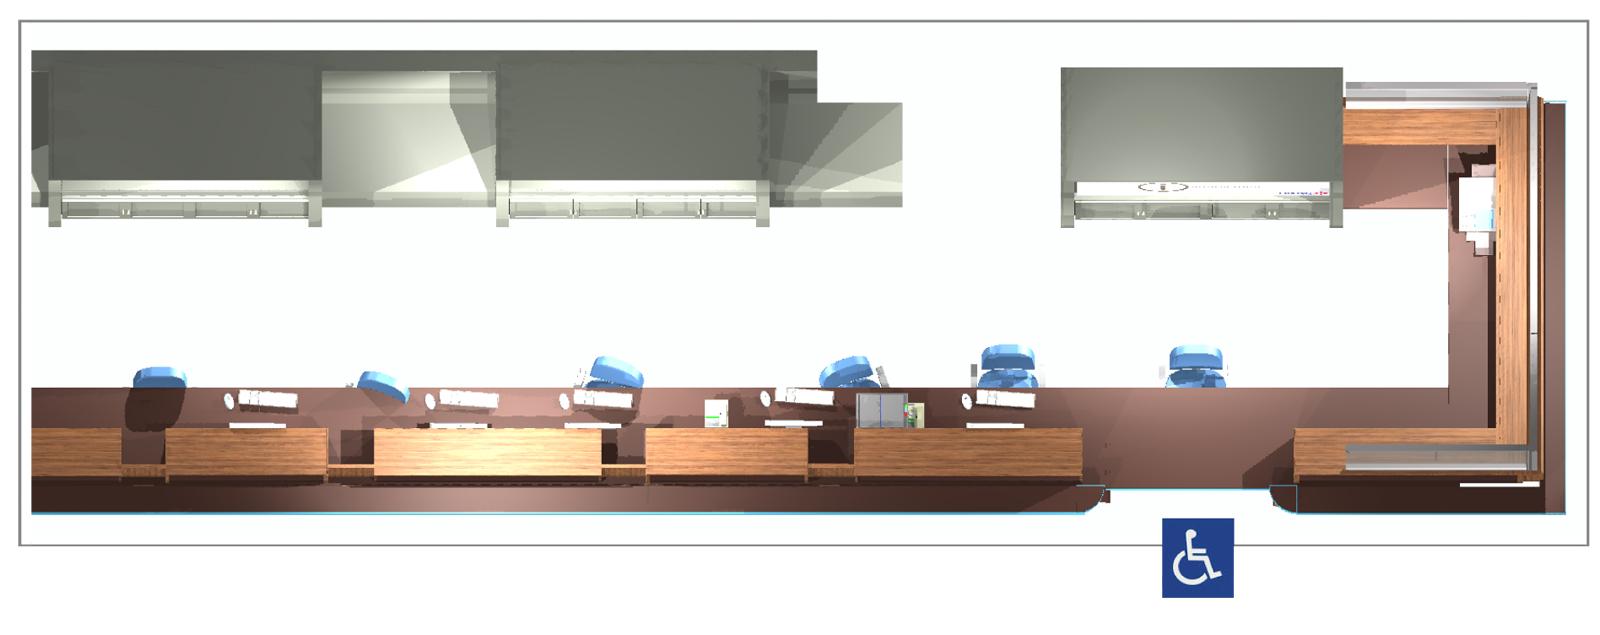 Aéroport Grenoble-Isère - Banque d'accueil / enregistrement - Plan